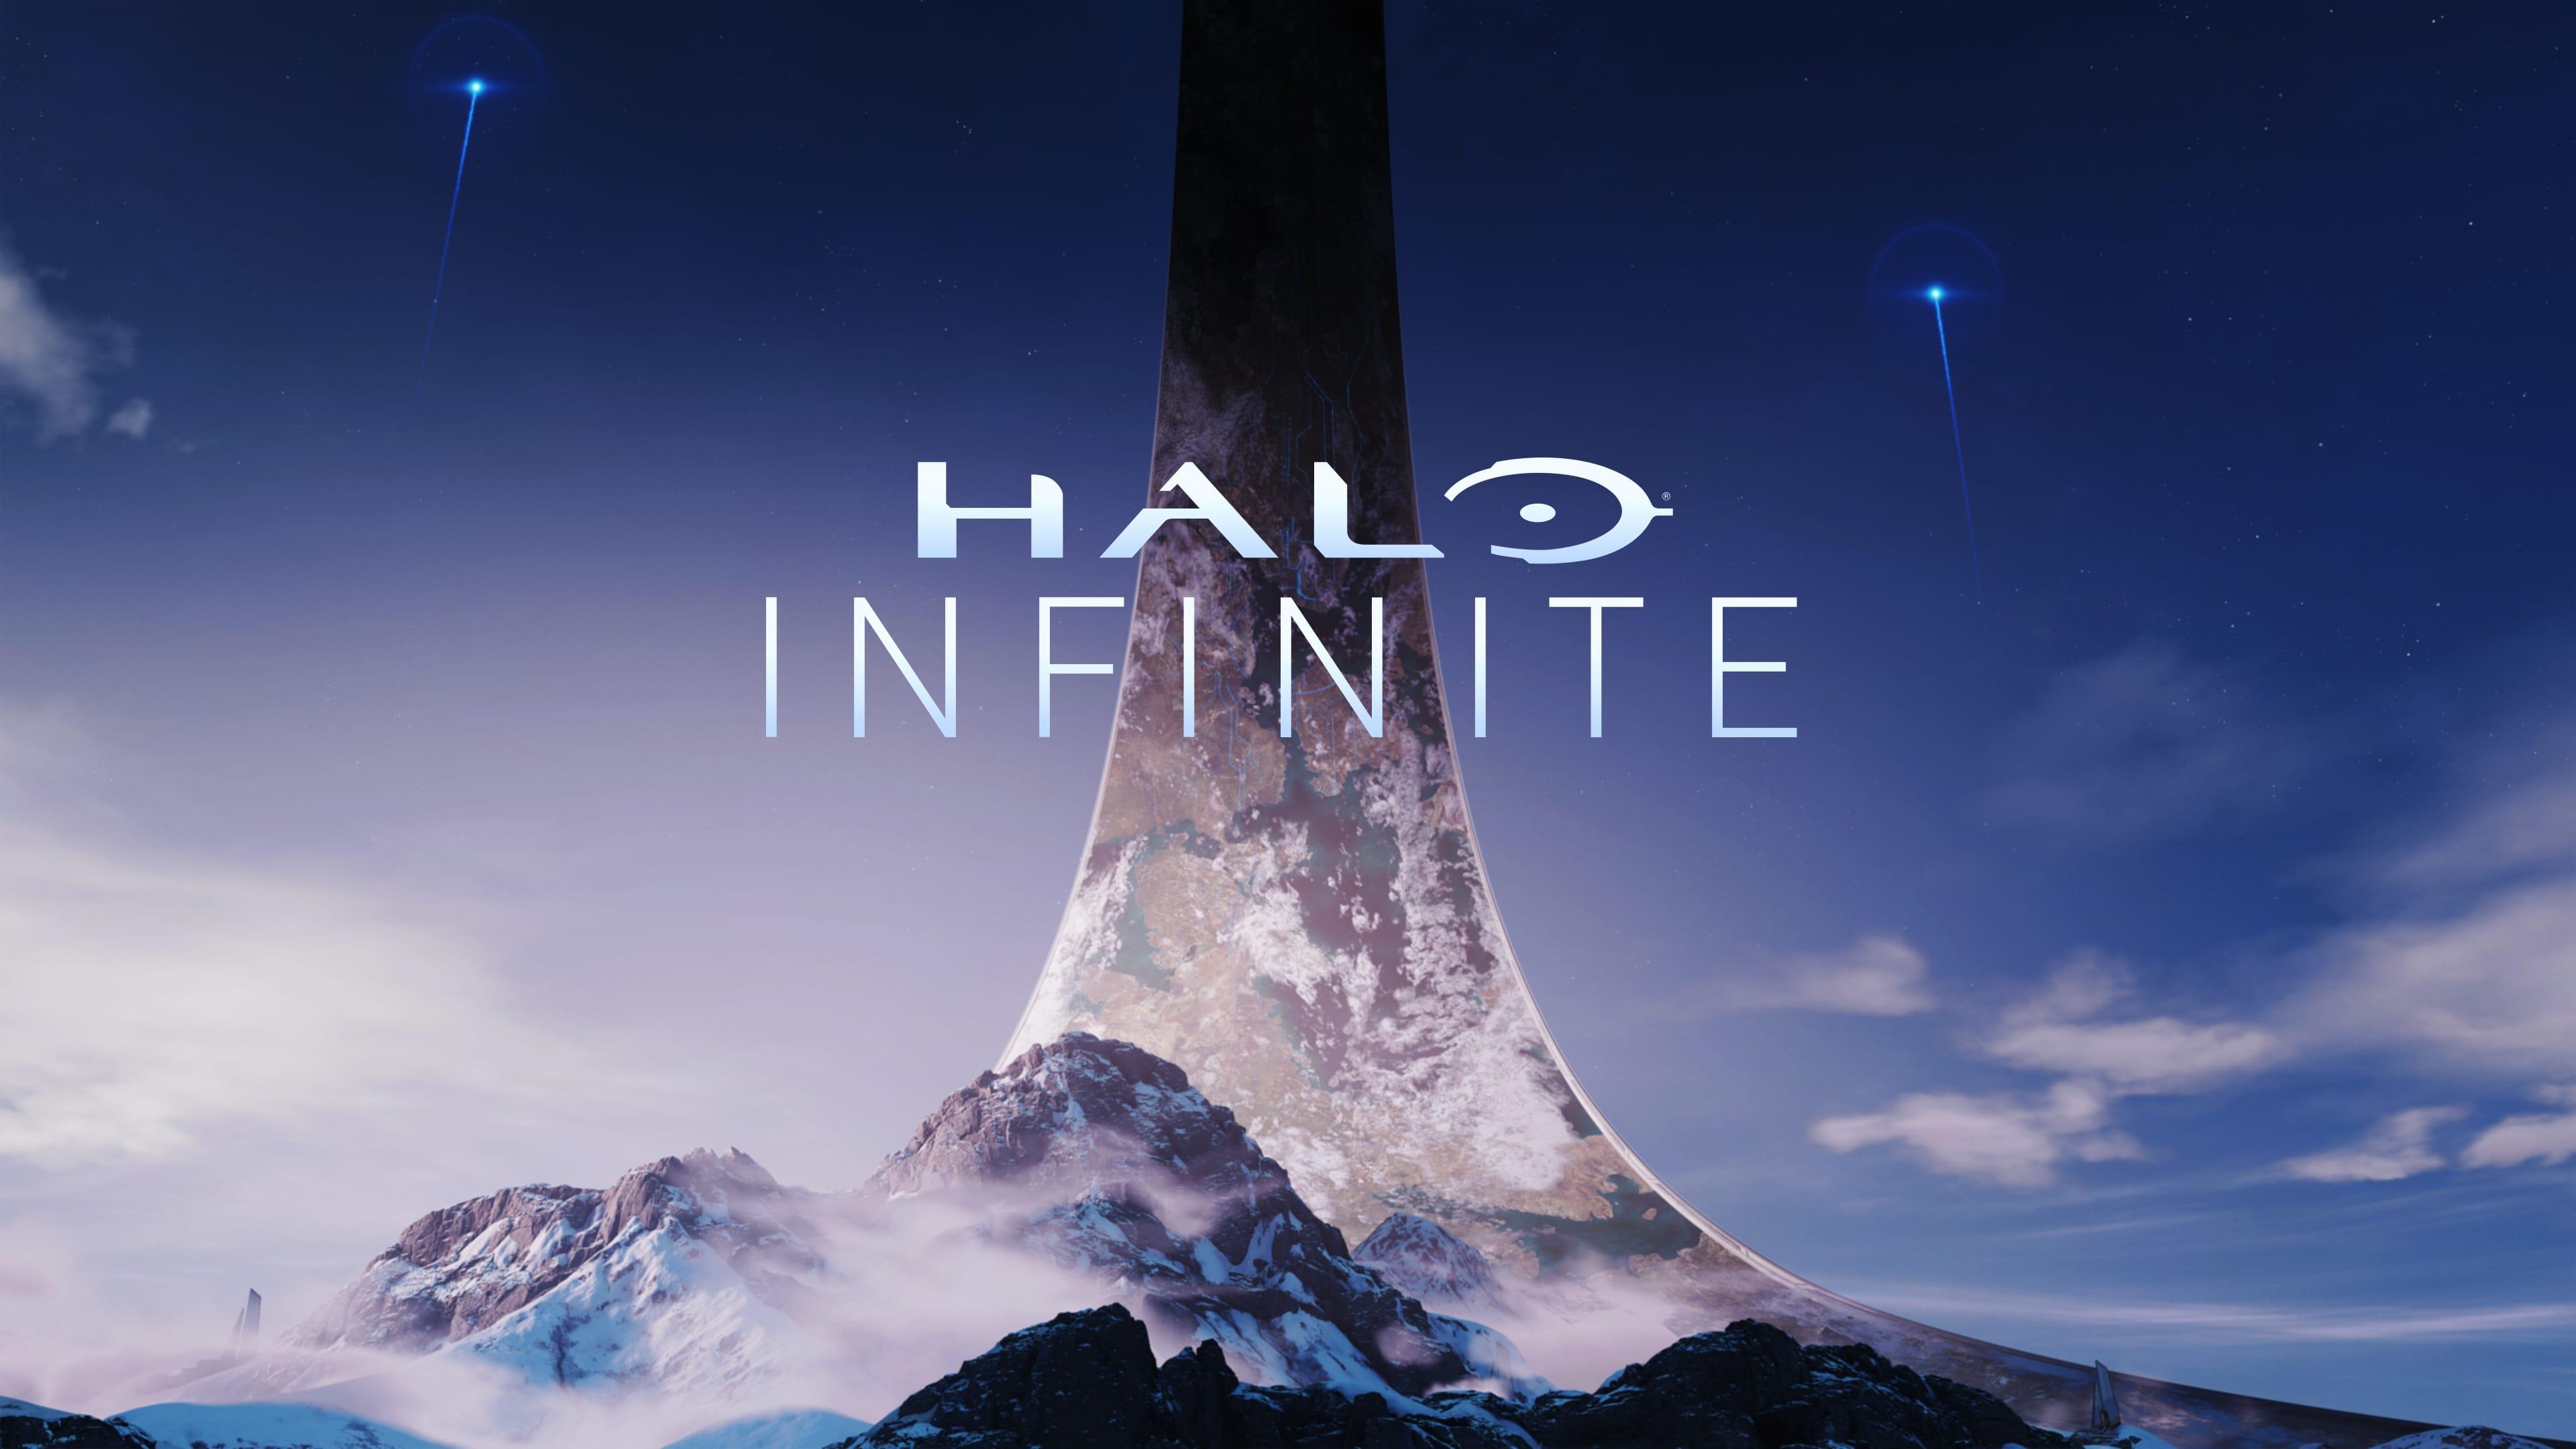 Halo-Infinite-Banner.jpg